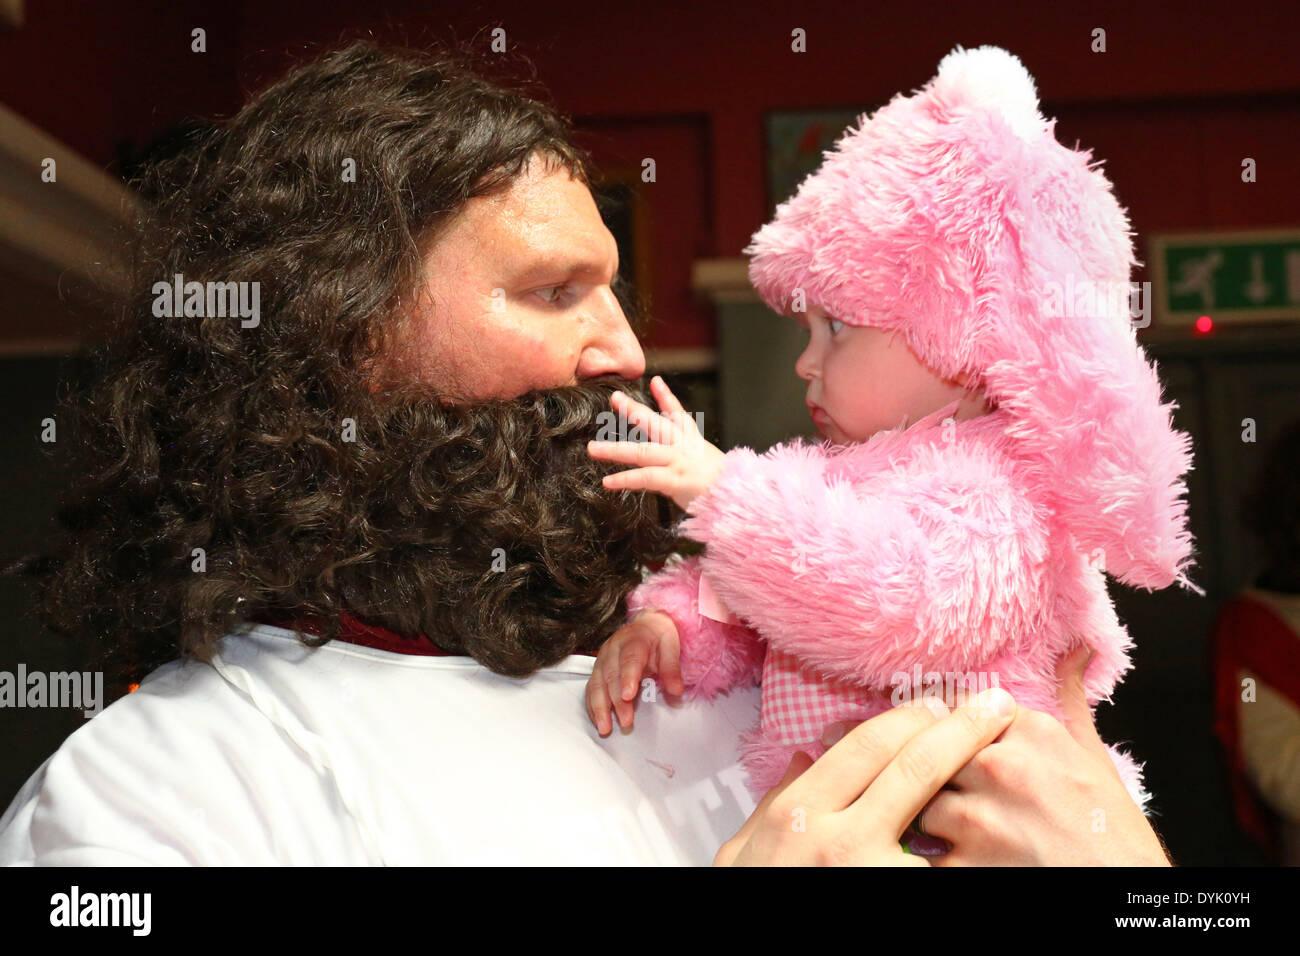 Jesus Christ Beard Stock Photos & Jesus Christ Beard Stock Images ...